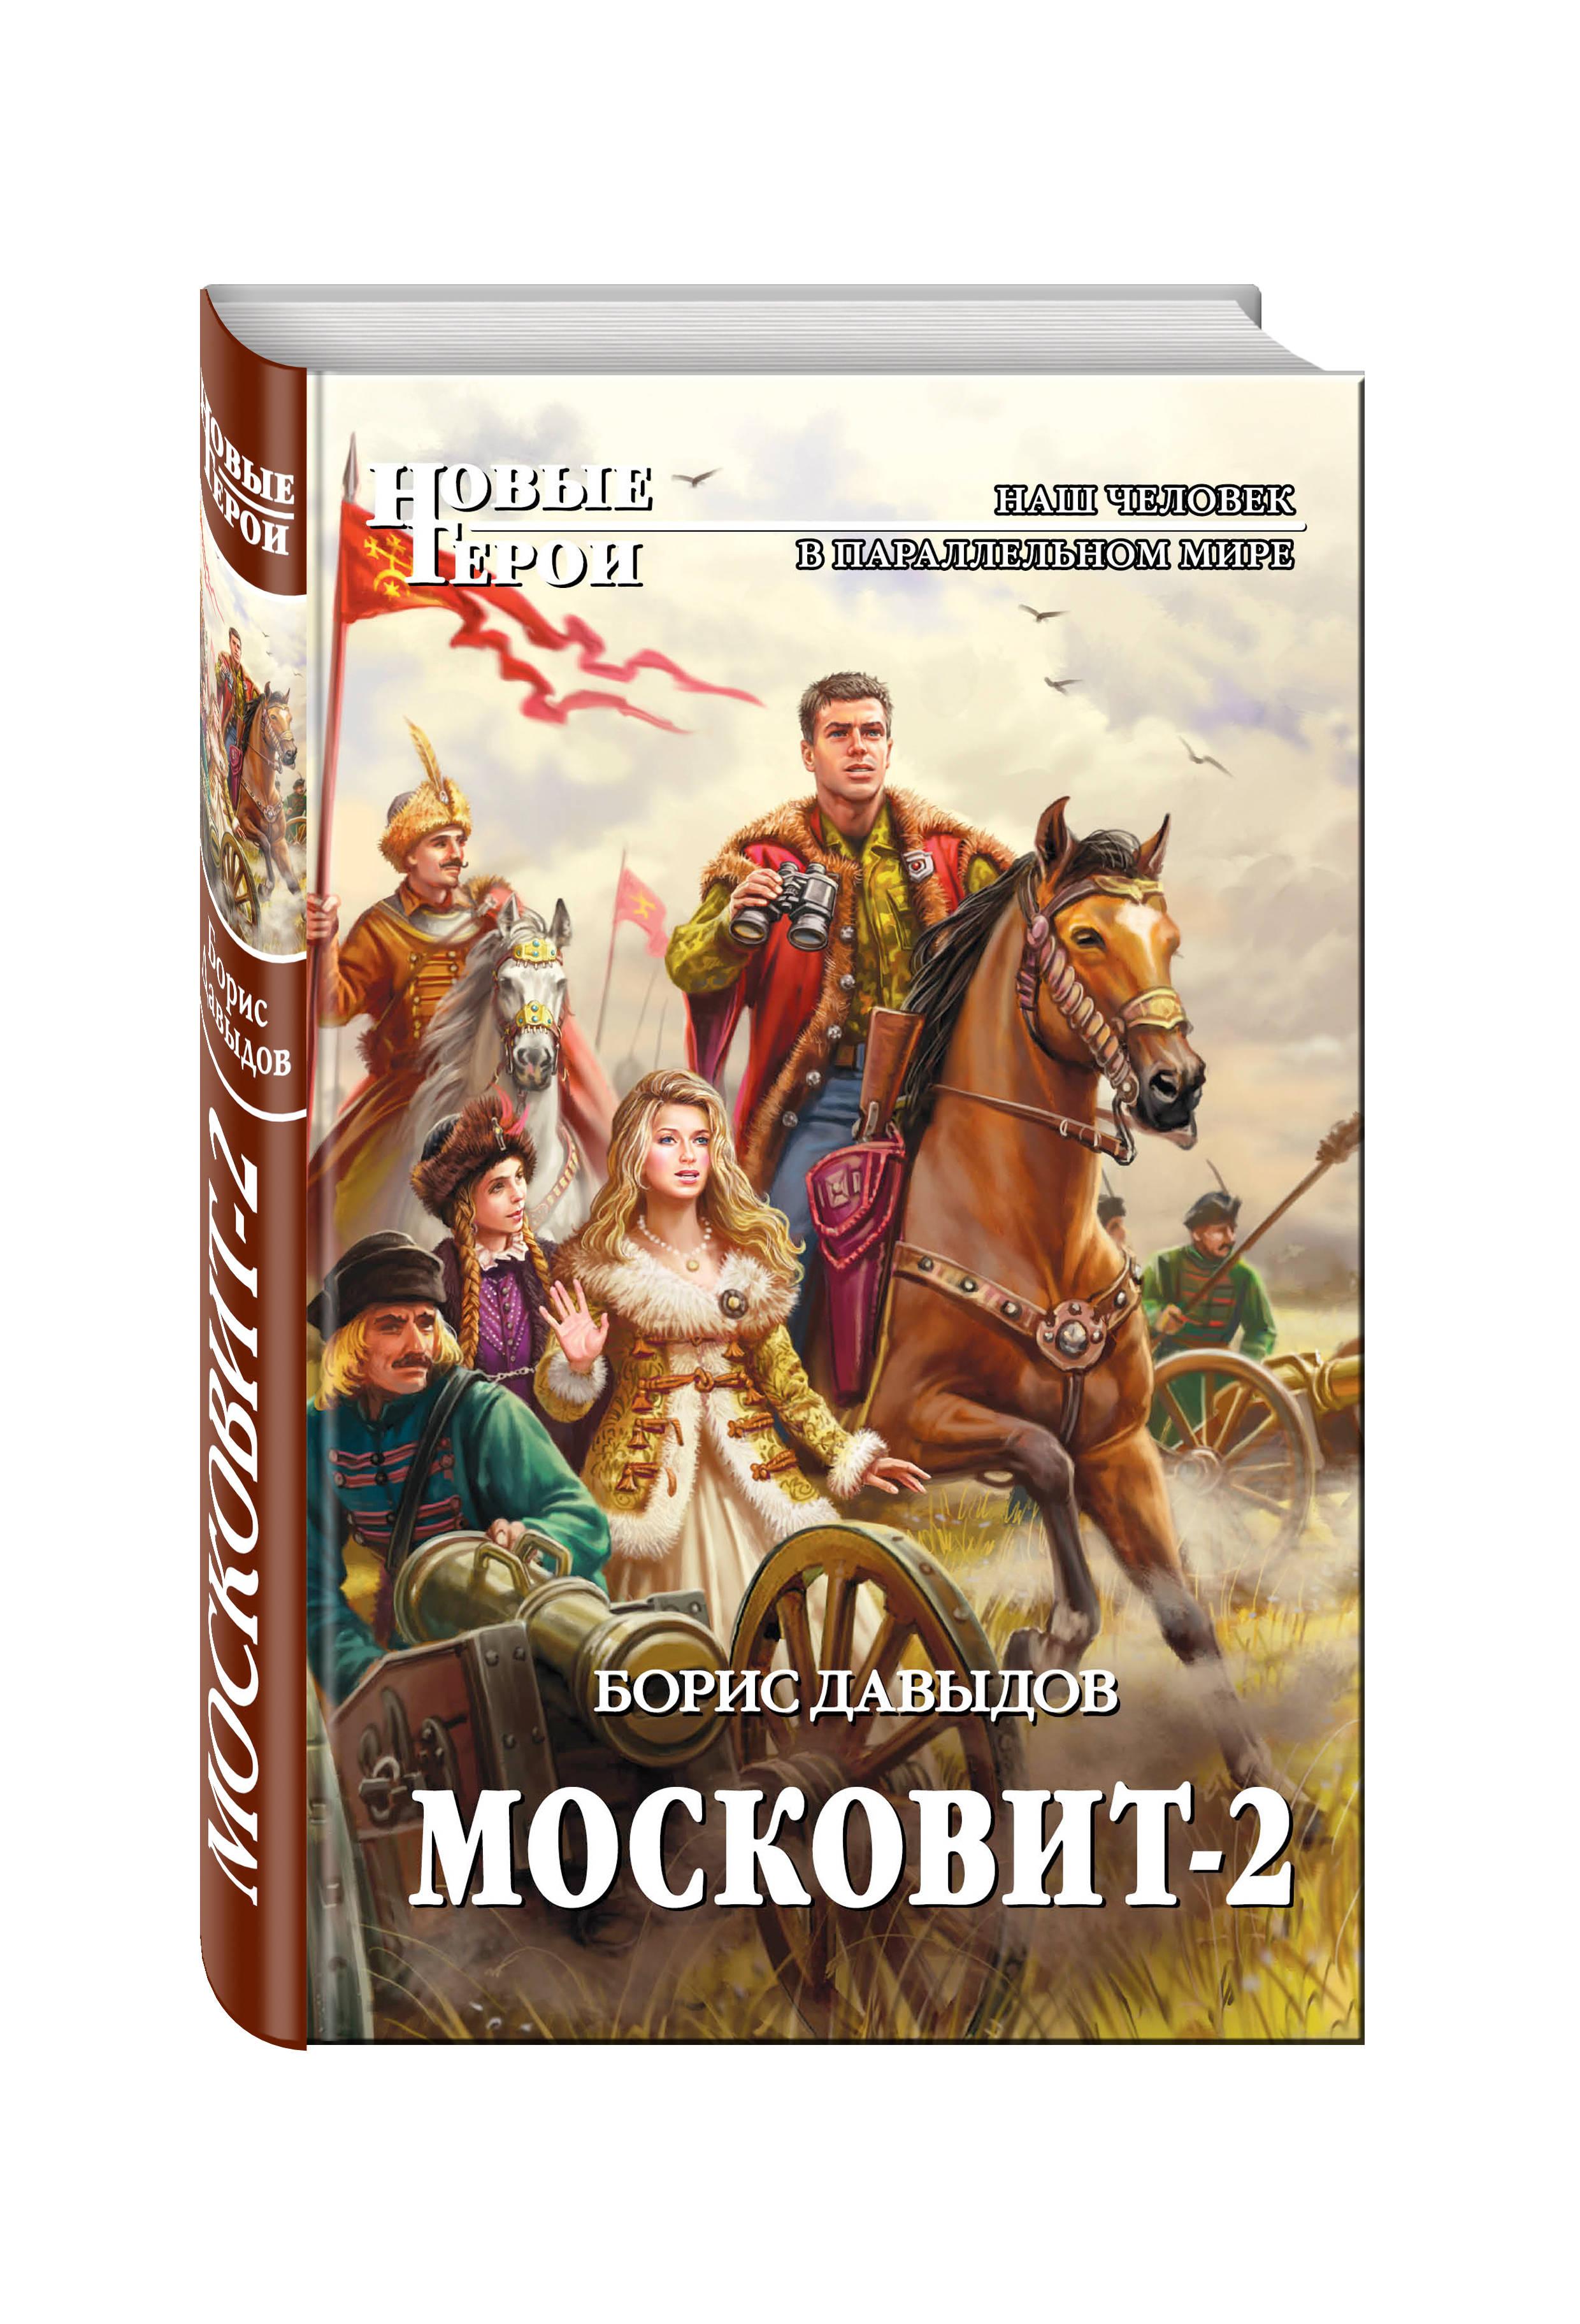 Московит-2